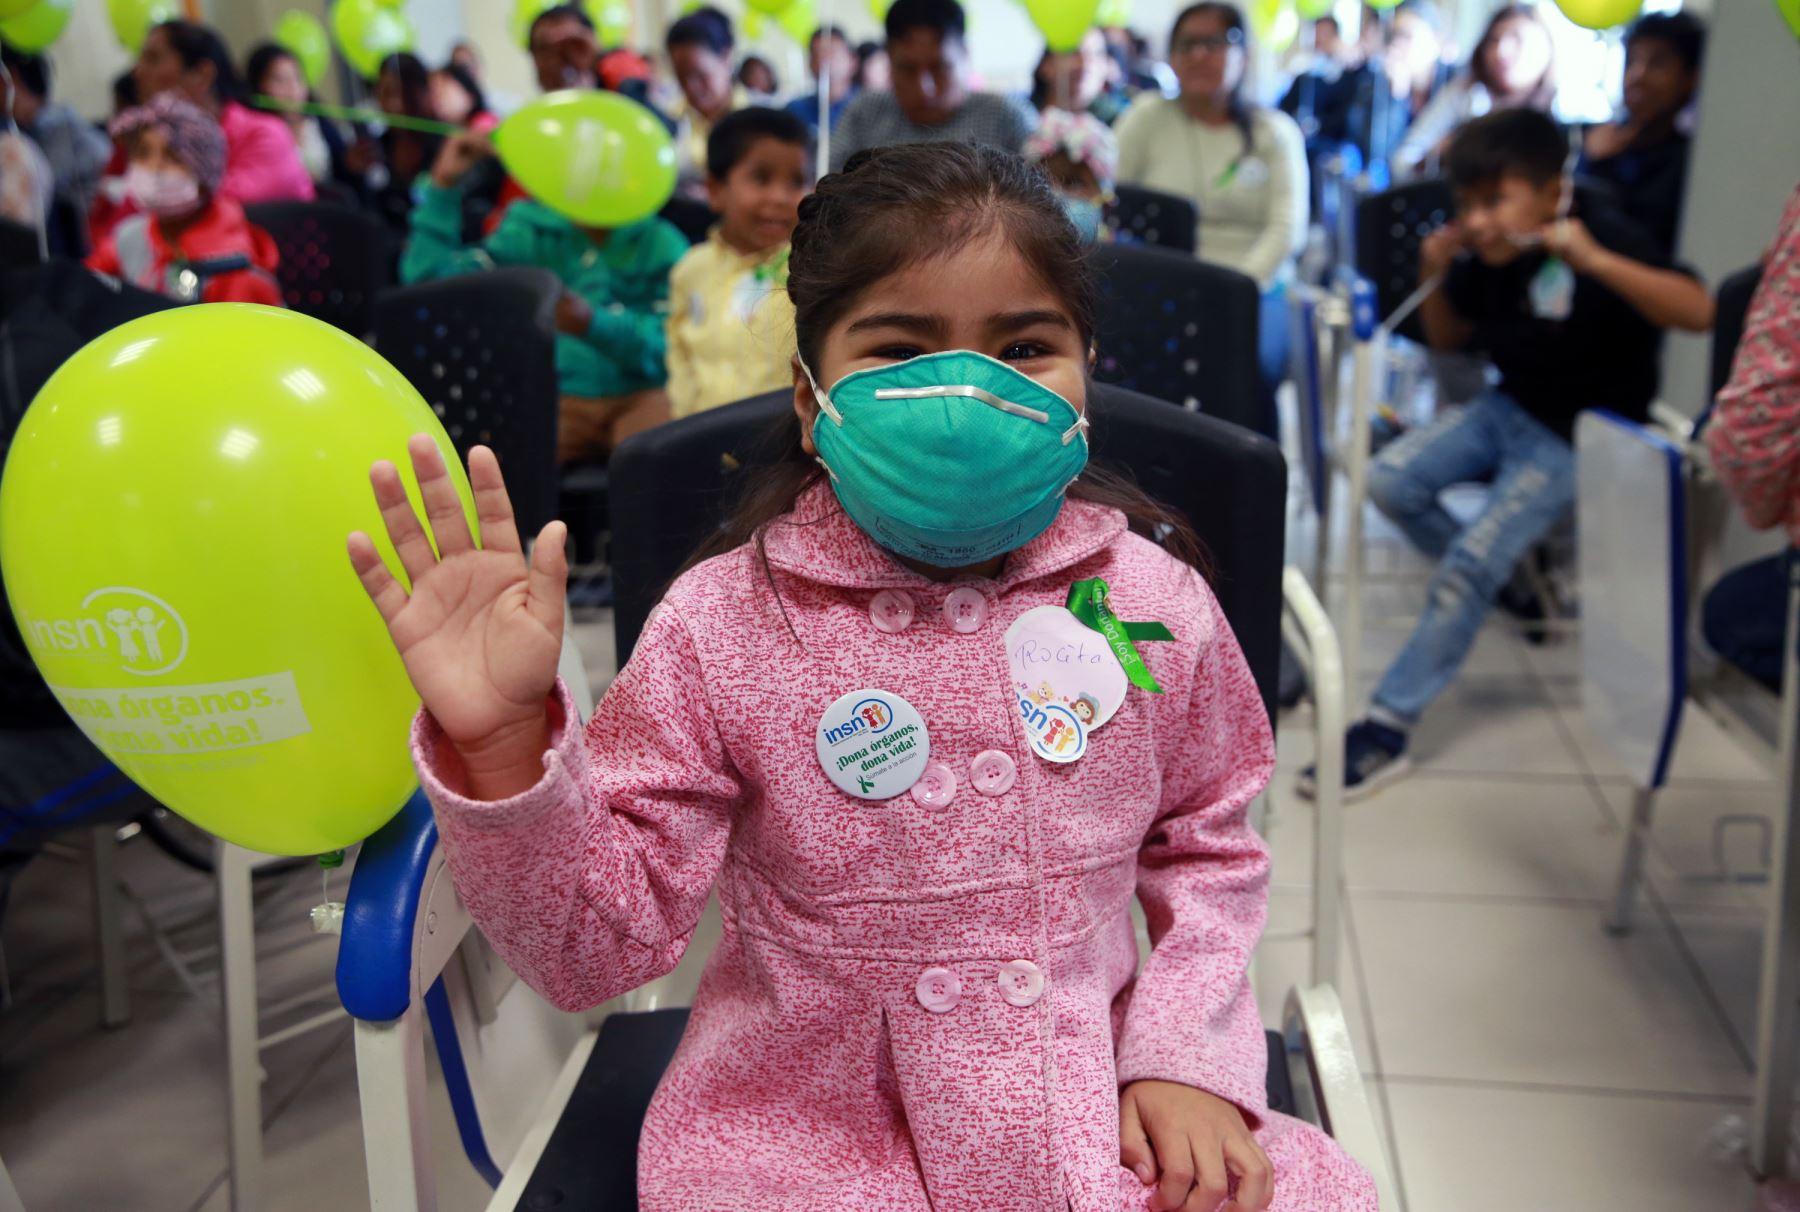 El Perú, tiene el índice más bajo de donación de órganos a nivel de América Latina con apenas 1.6 donantes por millón de habitantes, cifra minúscula que debería avergonzarnos como país .Foto: ANDINA/Norman Córdova